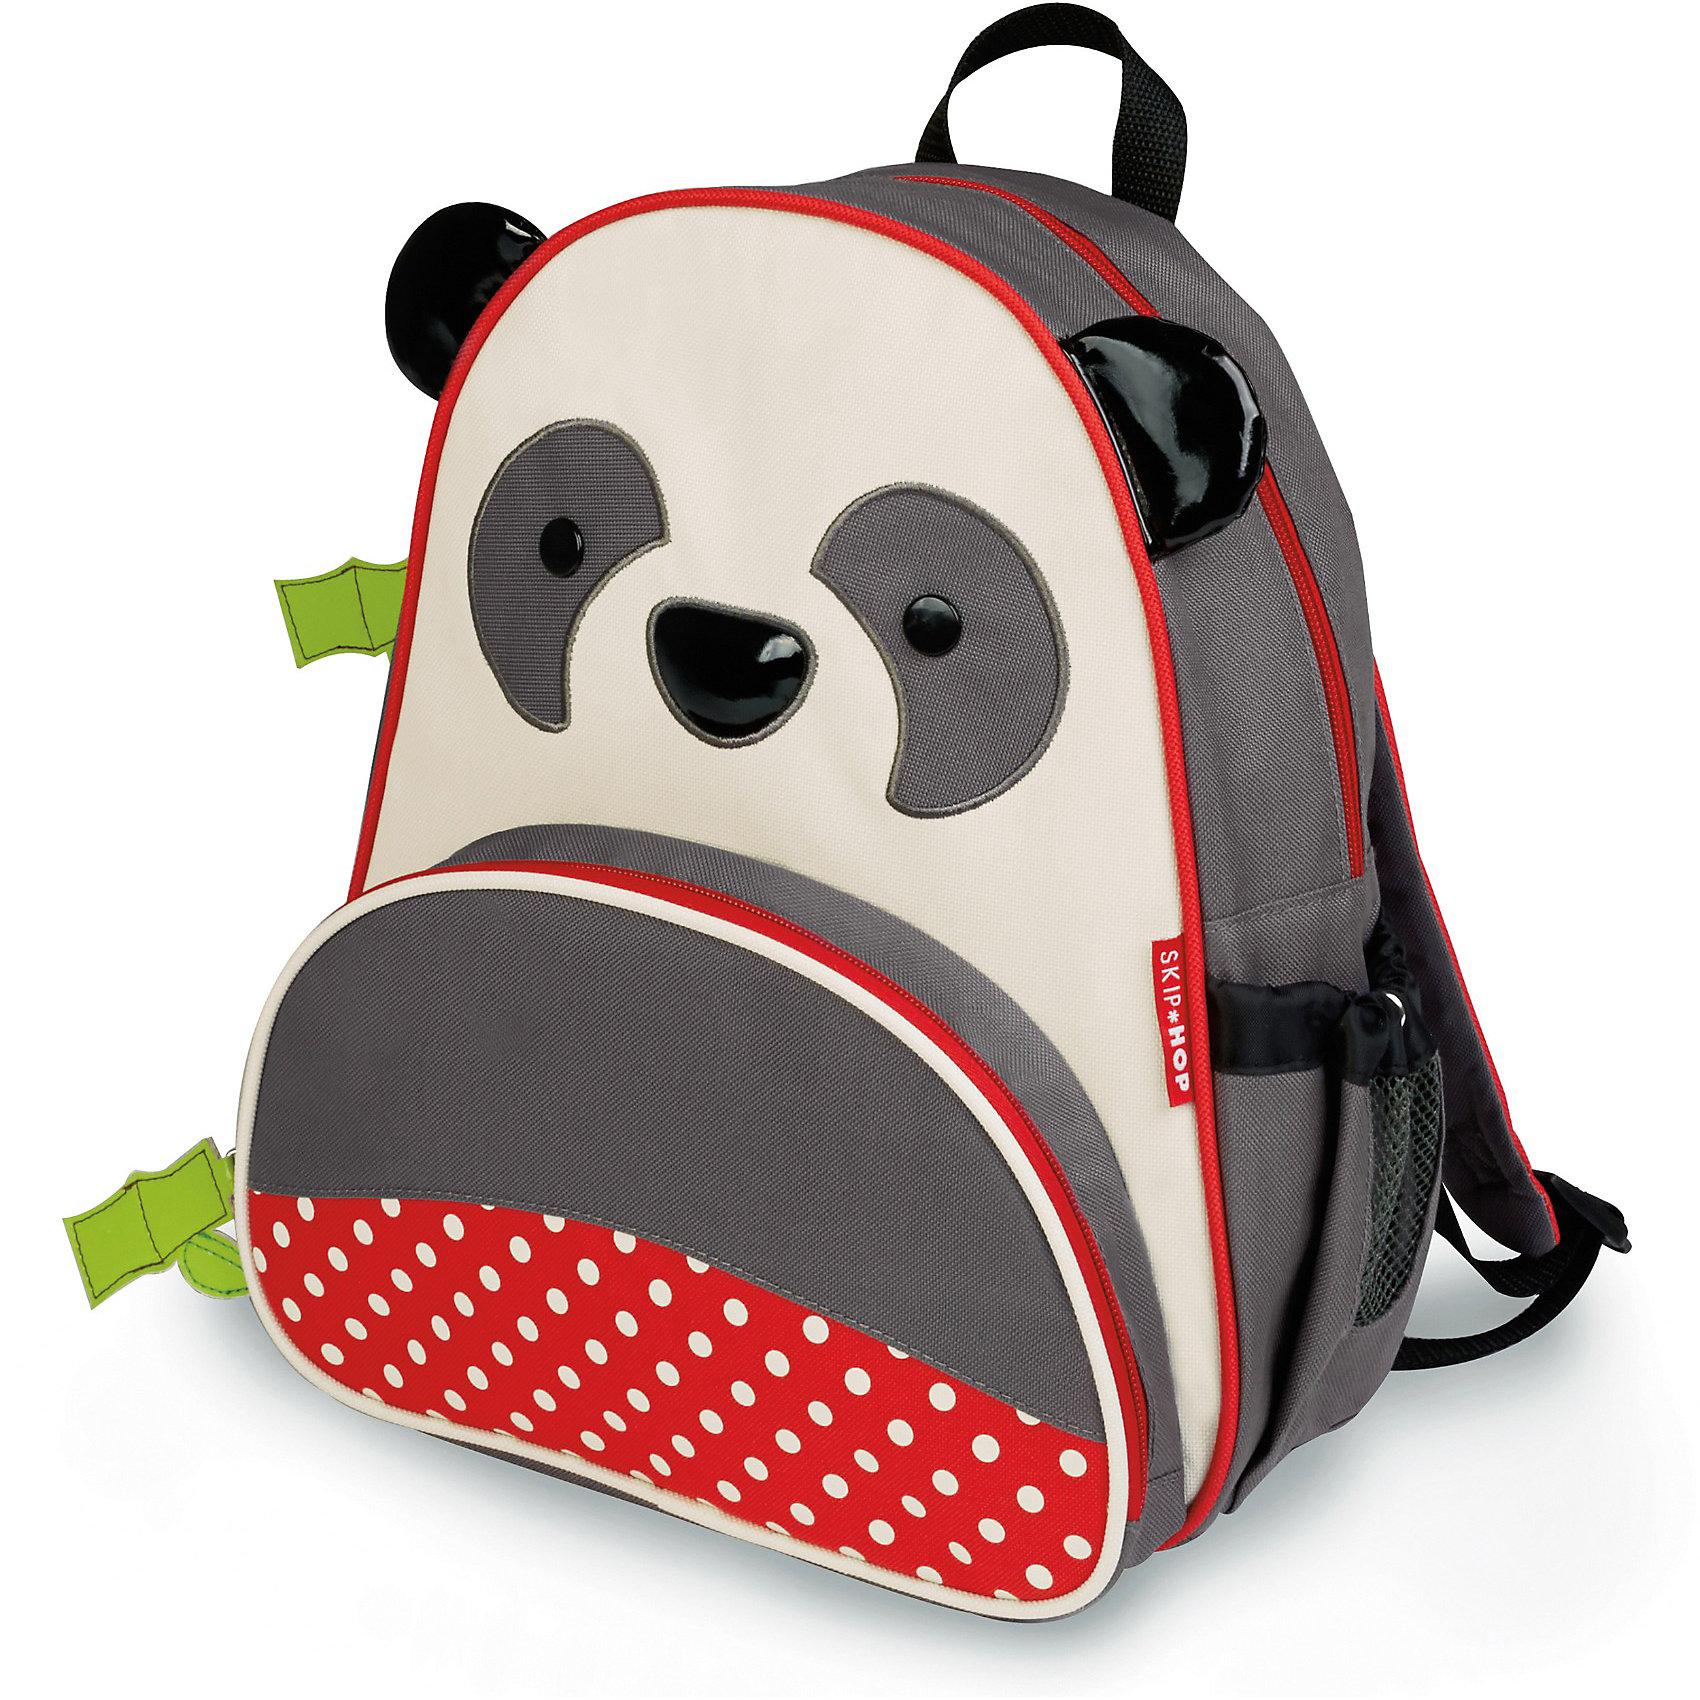 Рюкзак детский Панда, Skip HopДетские рюкзаки<br>Характеристики товара:<br><br>• возраст от 3 лет;<br>• материал: полиэстер;<br>• объем: 8 литров<br>• регулируемые лямки<br>• размер рюкзака 25х29х11 см;<br>• вес рюкзака 270 гр.;<br>• страна производитель: Китай.<br><br>Рюкзак детский «Панда» Skip Hop выполнен в виде забавной божьей коровки с глазками, рожками и передним красным карманом с черными кружочками. На молниях висят брелки в виде стебля с листьями. Ребенок сможет брать с собой все необходимое на прогулку, в детский садик, в гости, на дачу. В основном отделении поместятся тетради, альбомы, блокноты, карандаши, фломастеры. Спереди кармашек для дополнительных мелочей, а сбоку для бутылочки с напитком или бокса для еды. <br><br>Мягкие регулируемые лямки обеспечивают комфортное ношение. Предусмотрена небольшая ручка для переноски в руках или подвешивания. Рюкзак выполнен из прочной качественной ткани. Его можно стирать в стиральной машине.<br><br>Рюкзак детский «Панда» Skip Hop можно приобрести в нашем интернет-магазине.<br><br>Ширина мм: 325<br>Глубина мм: 274<br>Высота мм: 62<br>Вес г: 312<br>Цвет: серый<br>Возраст от месяцев: 24<br>Возраст до месяцев: 60<br>Пол: Унисекс<br>Возраст: Детский<br>SKU: 3688432